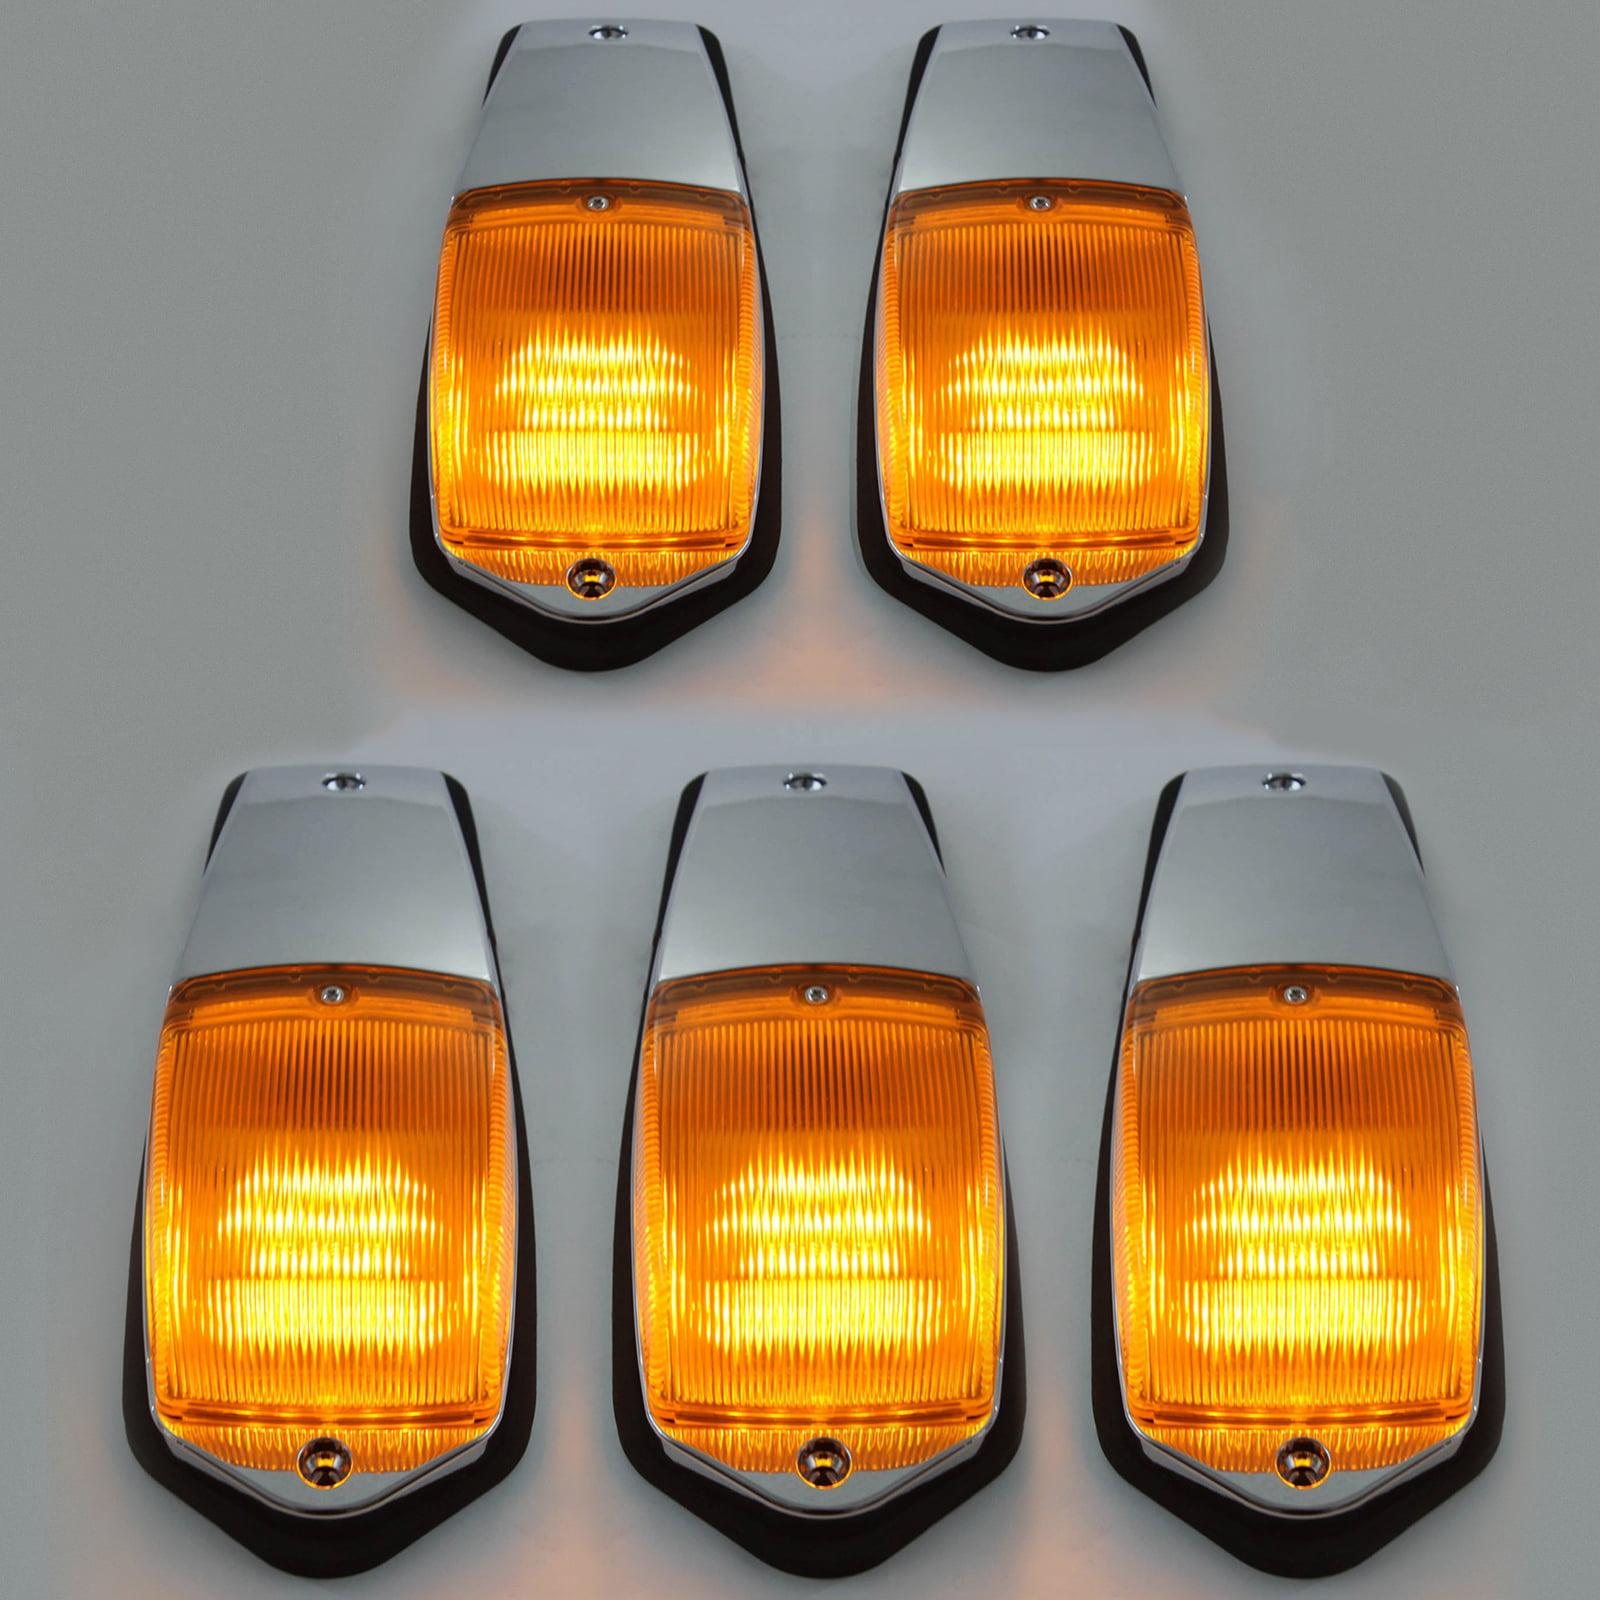 Five LED Cab Marker Lamps Lights Peterbilt Kenworth Freightliner Ford